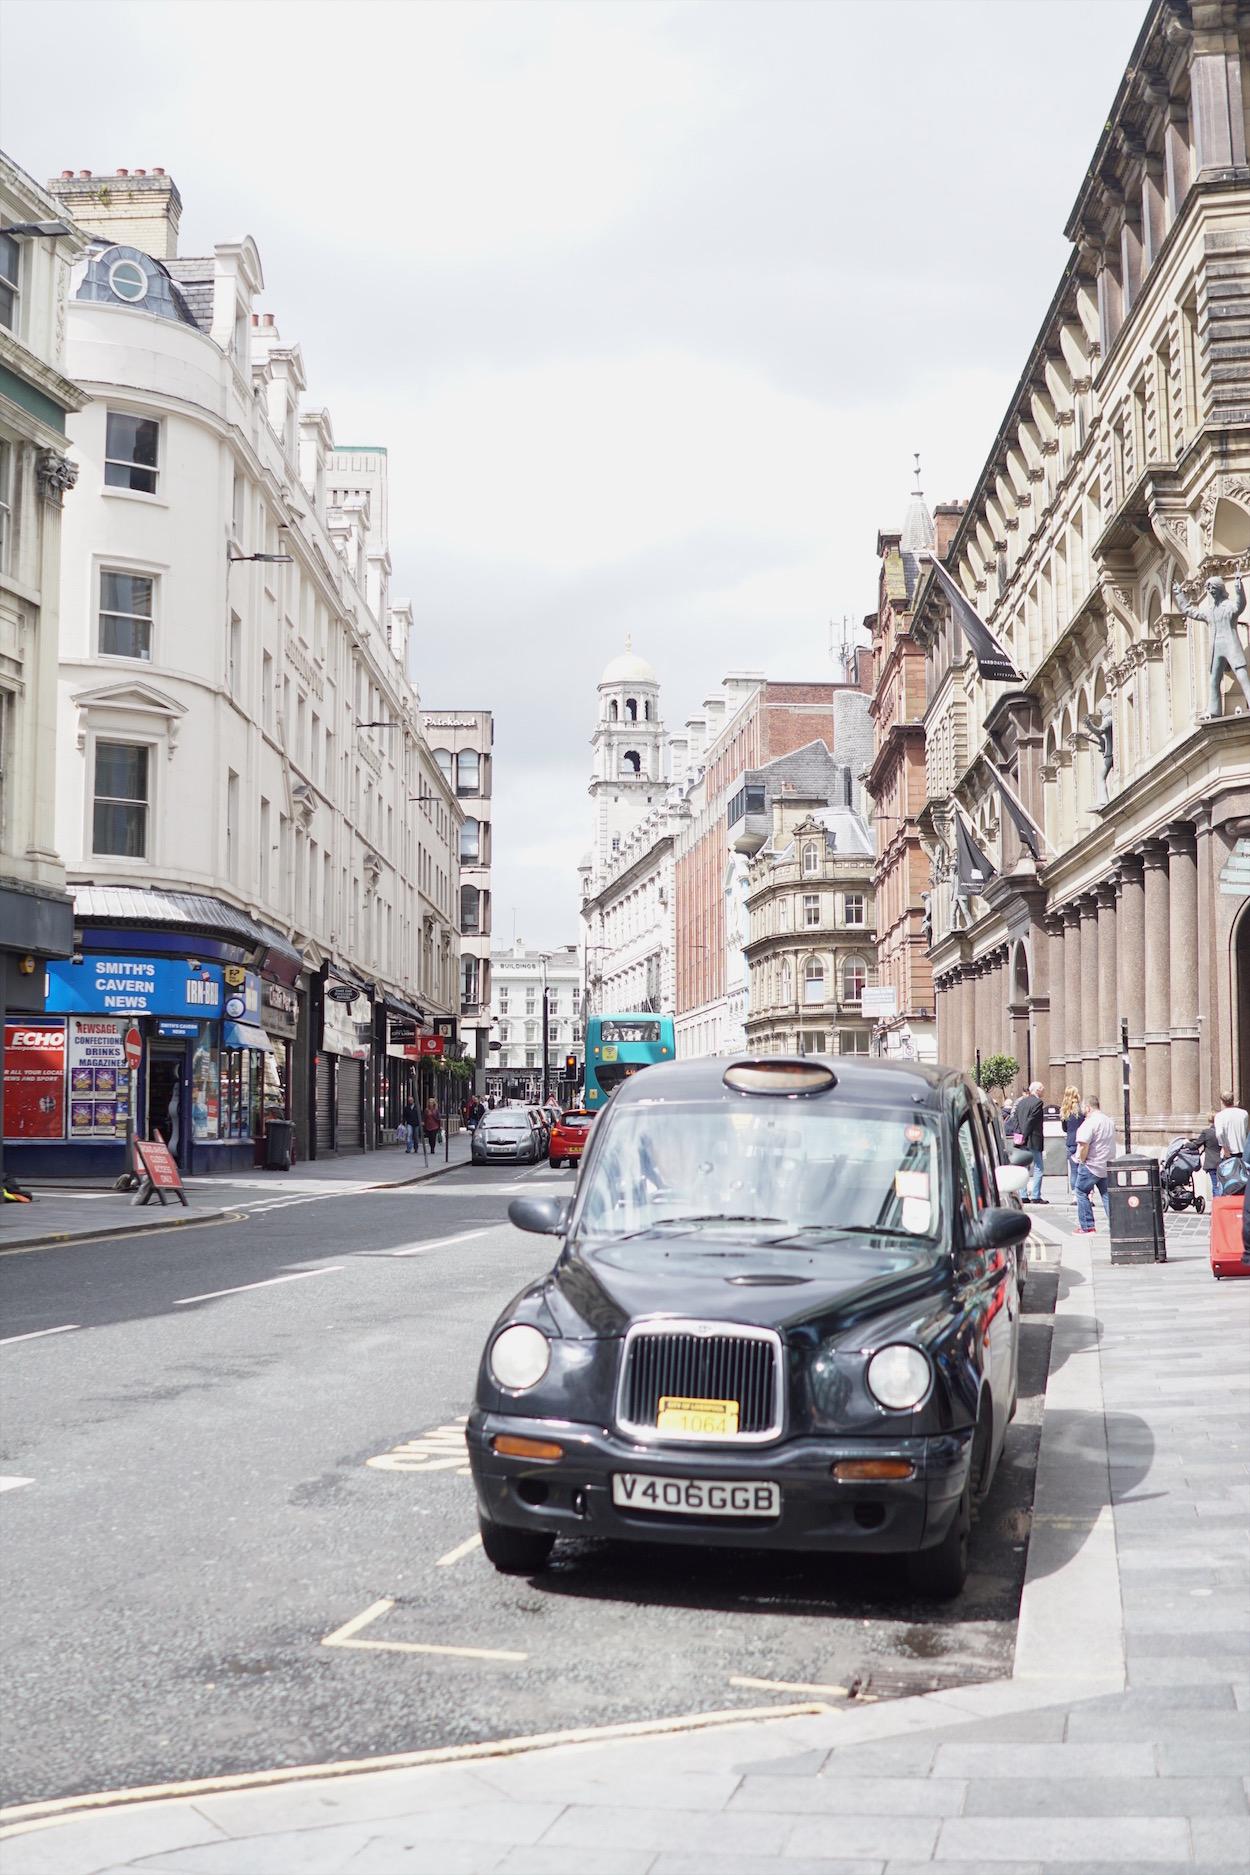 English cab